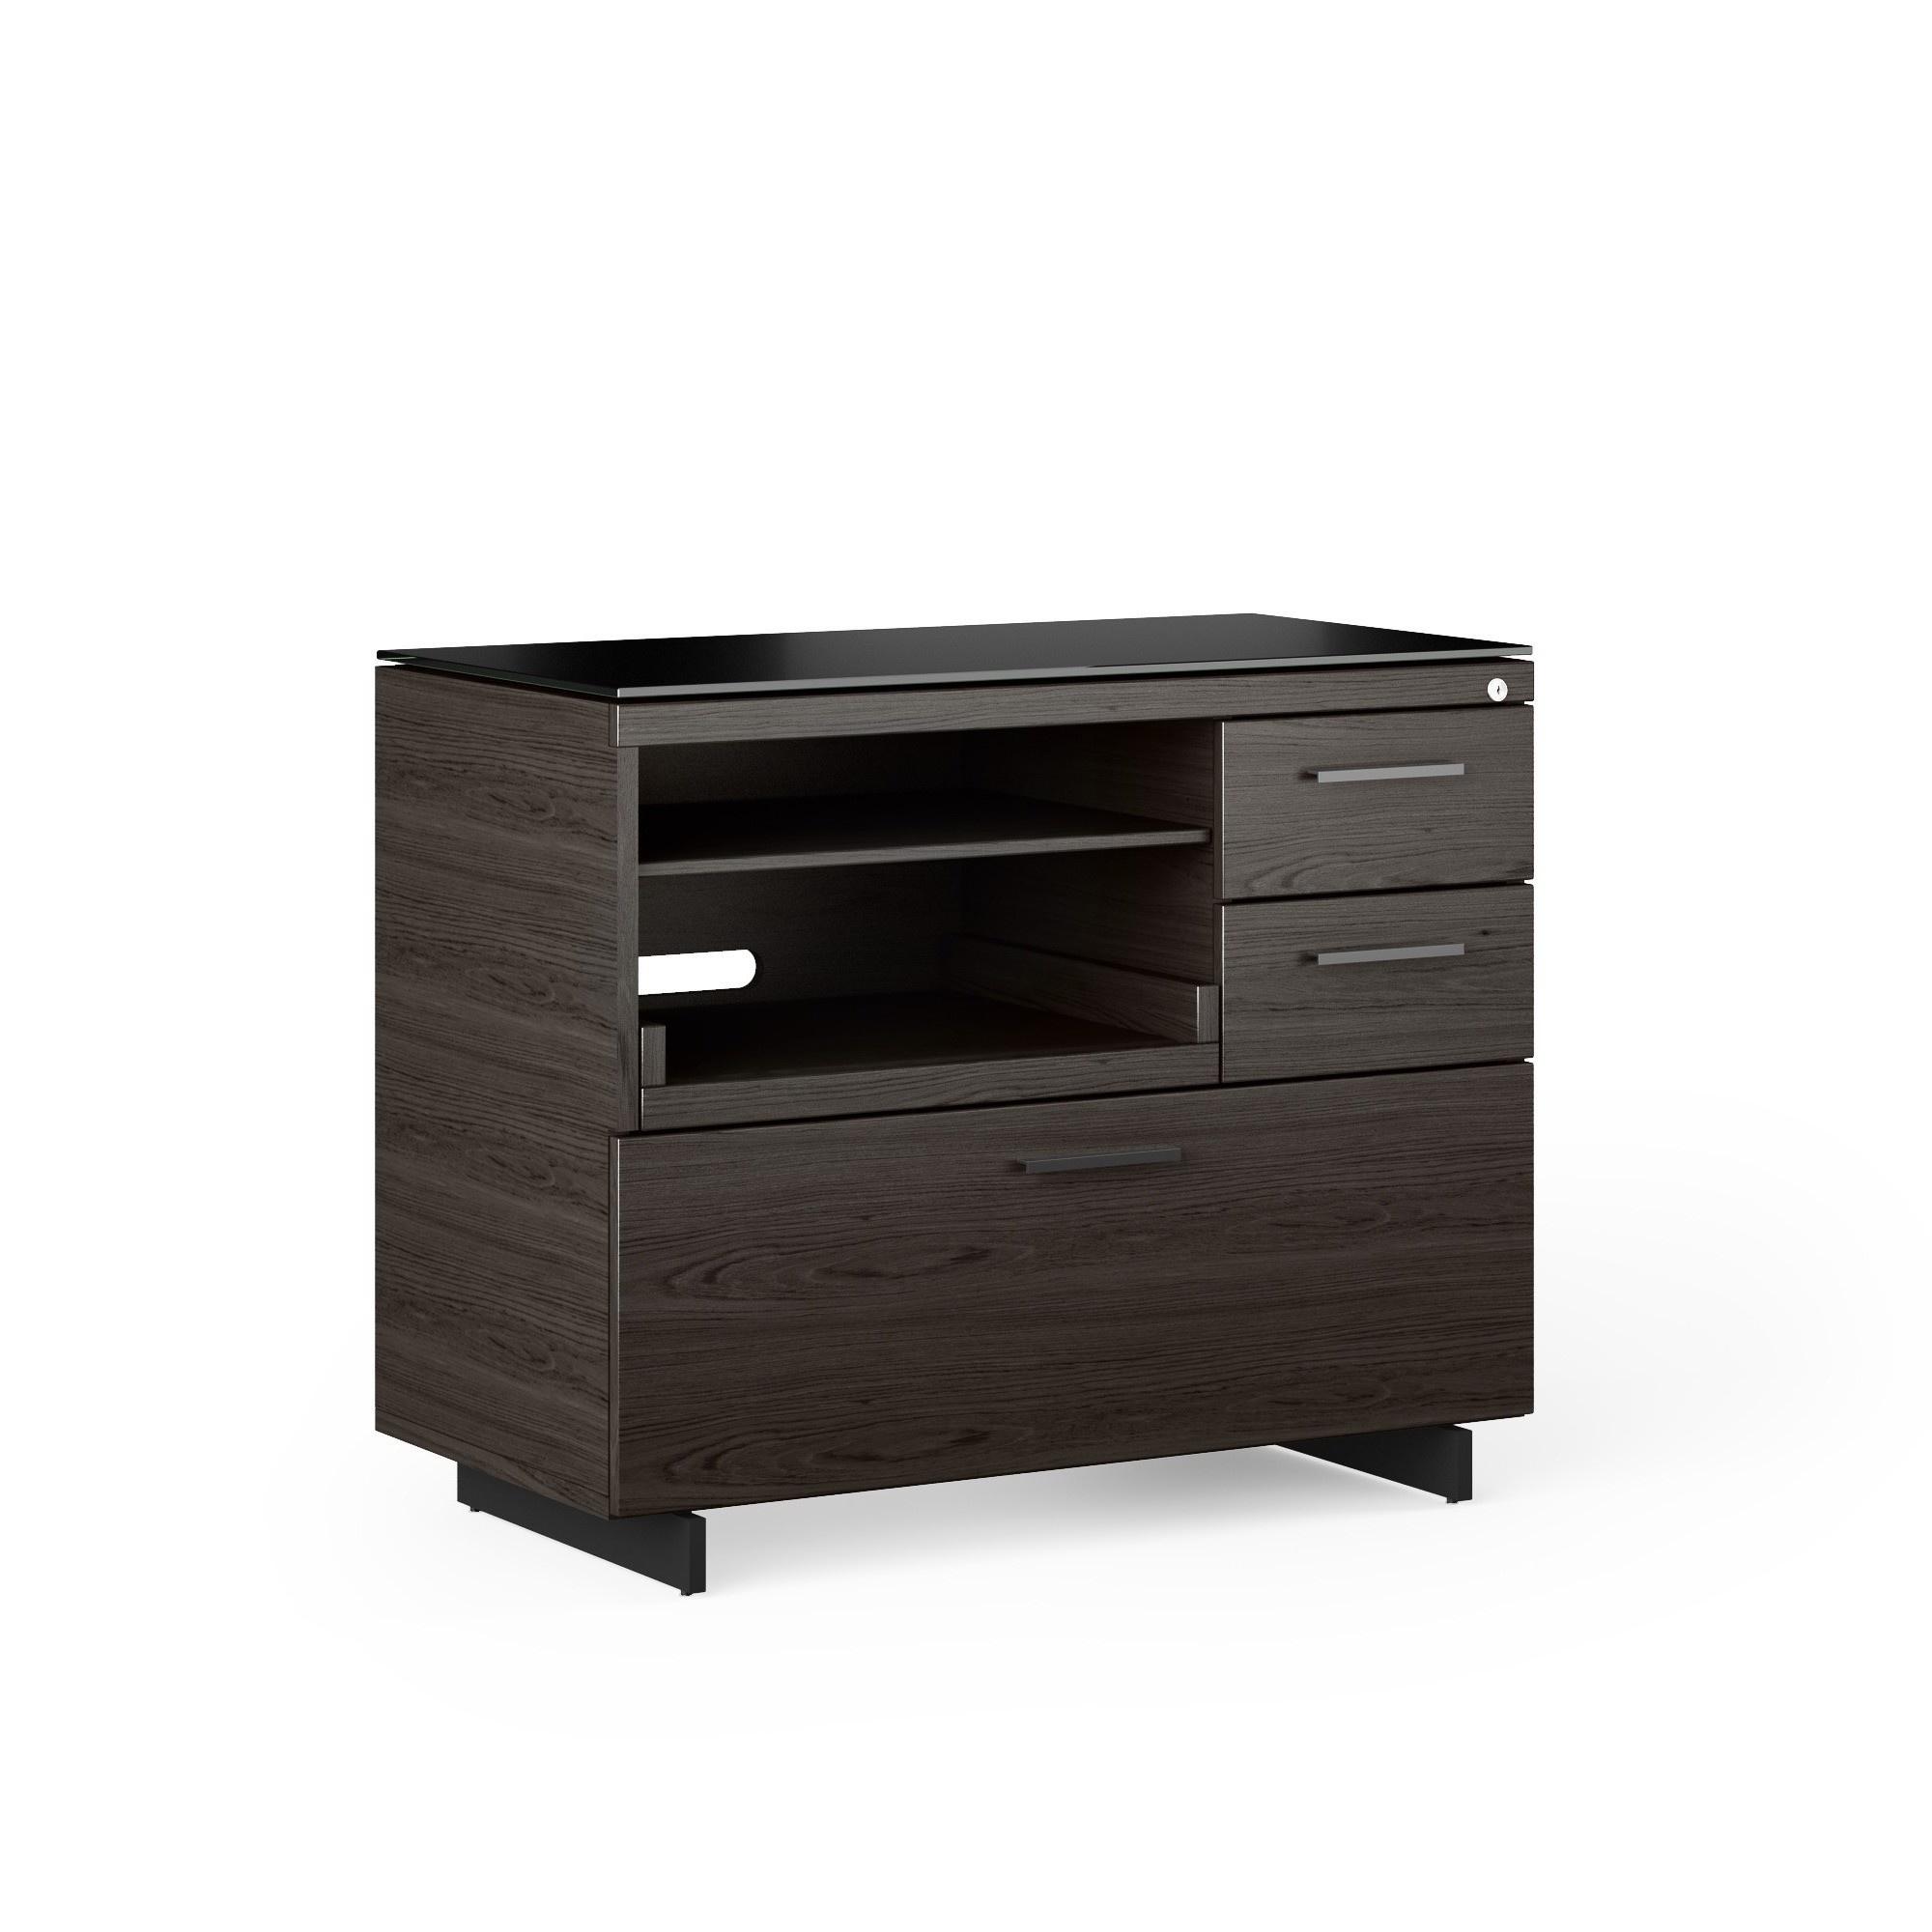 BDI Sequel 6117 Multifunction Cabinet